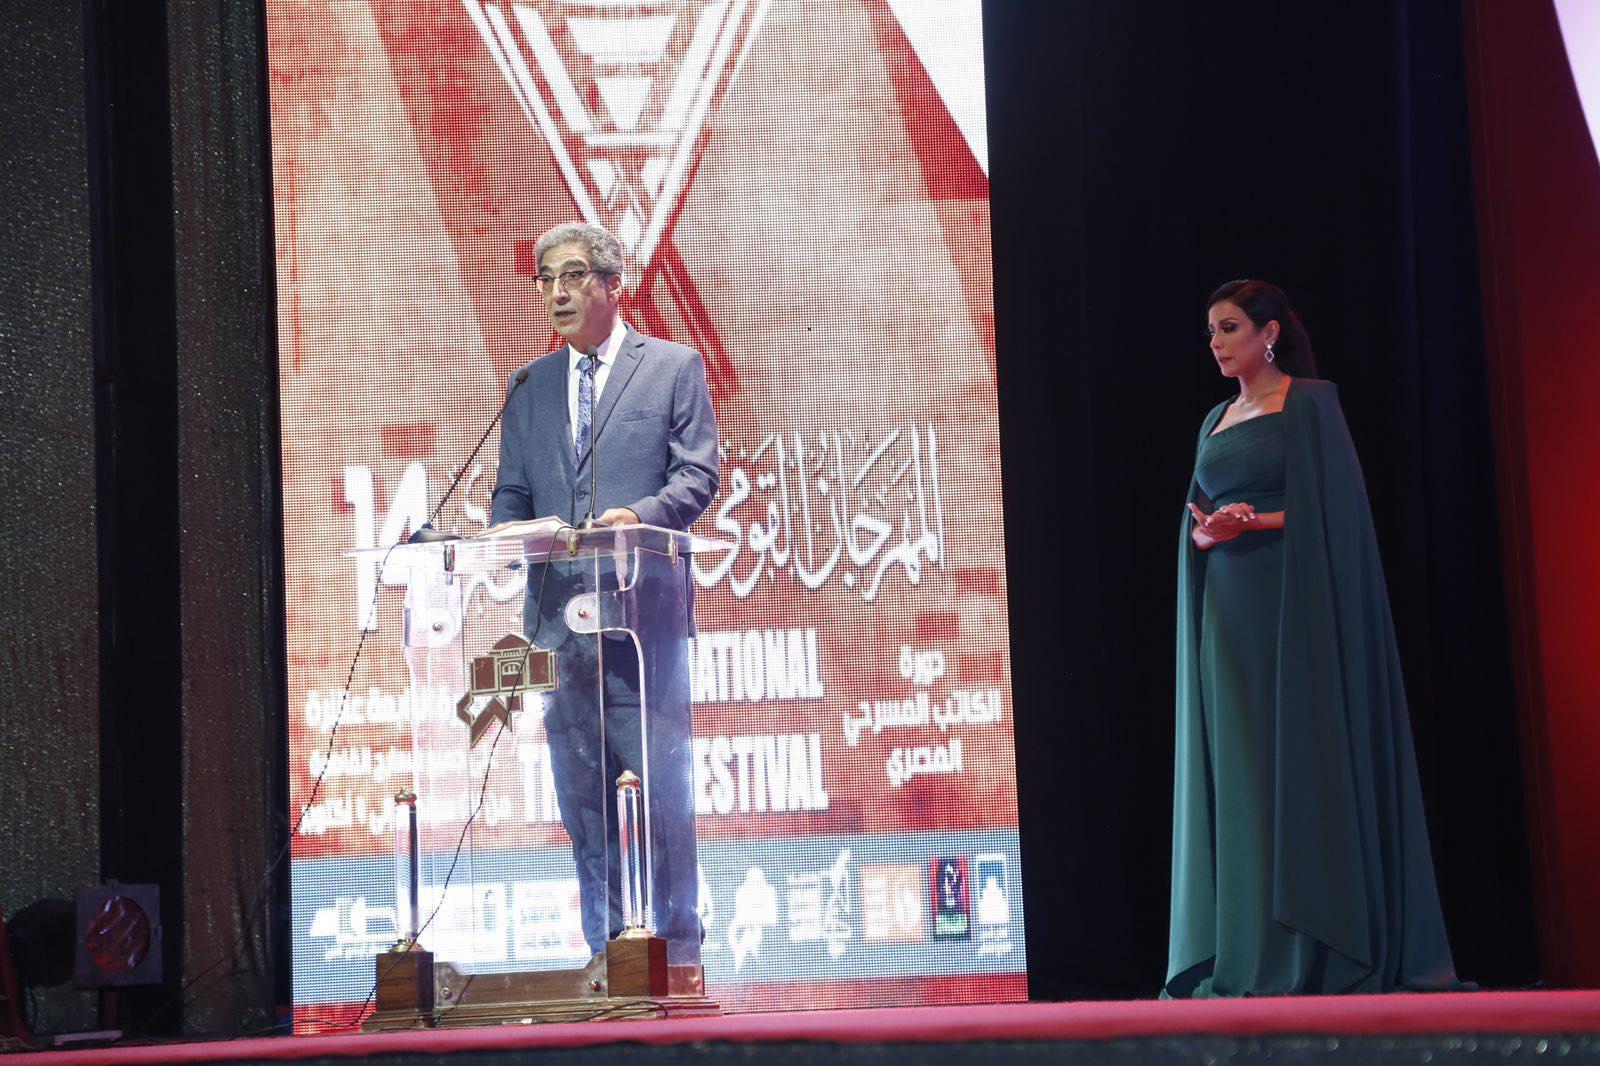 يوسف إسماعيل اختيار أفضل  عروض من المسرح القومي في الدورة  لتجوب محافظات مصر